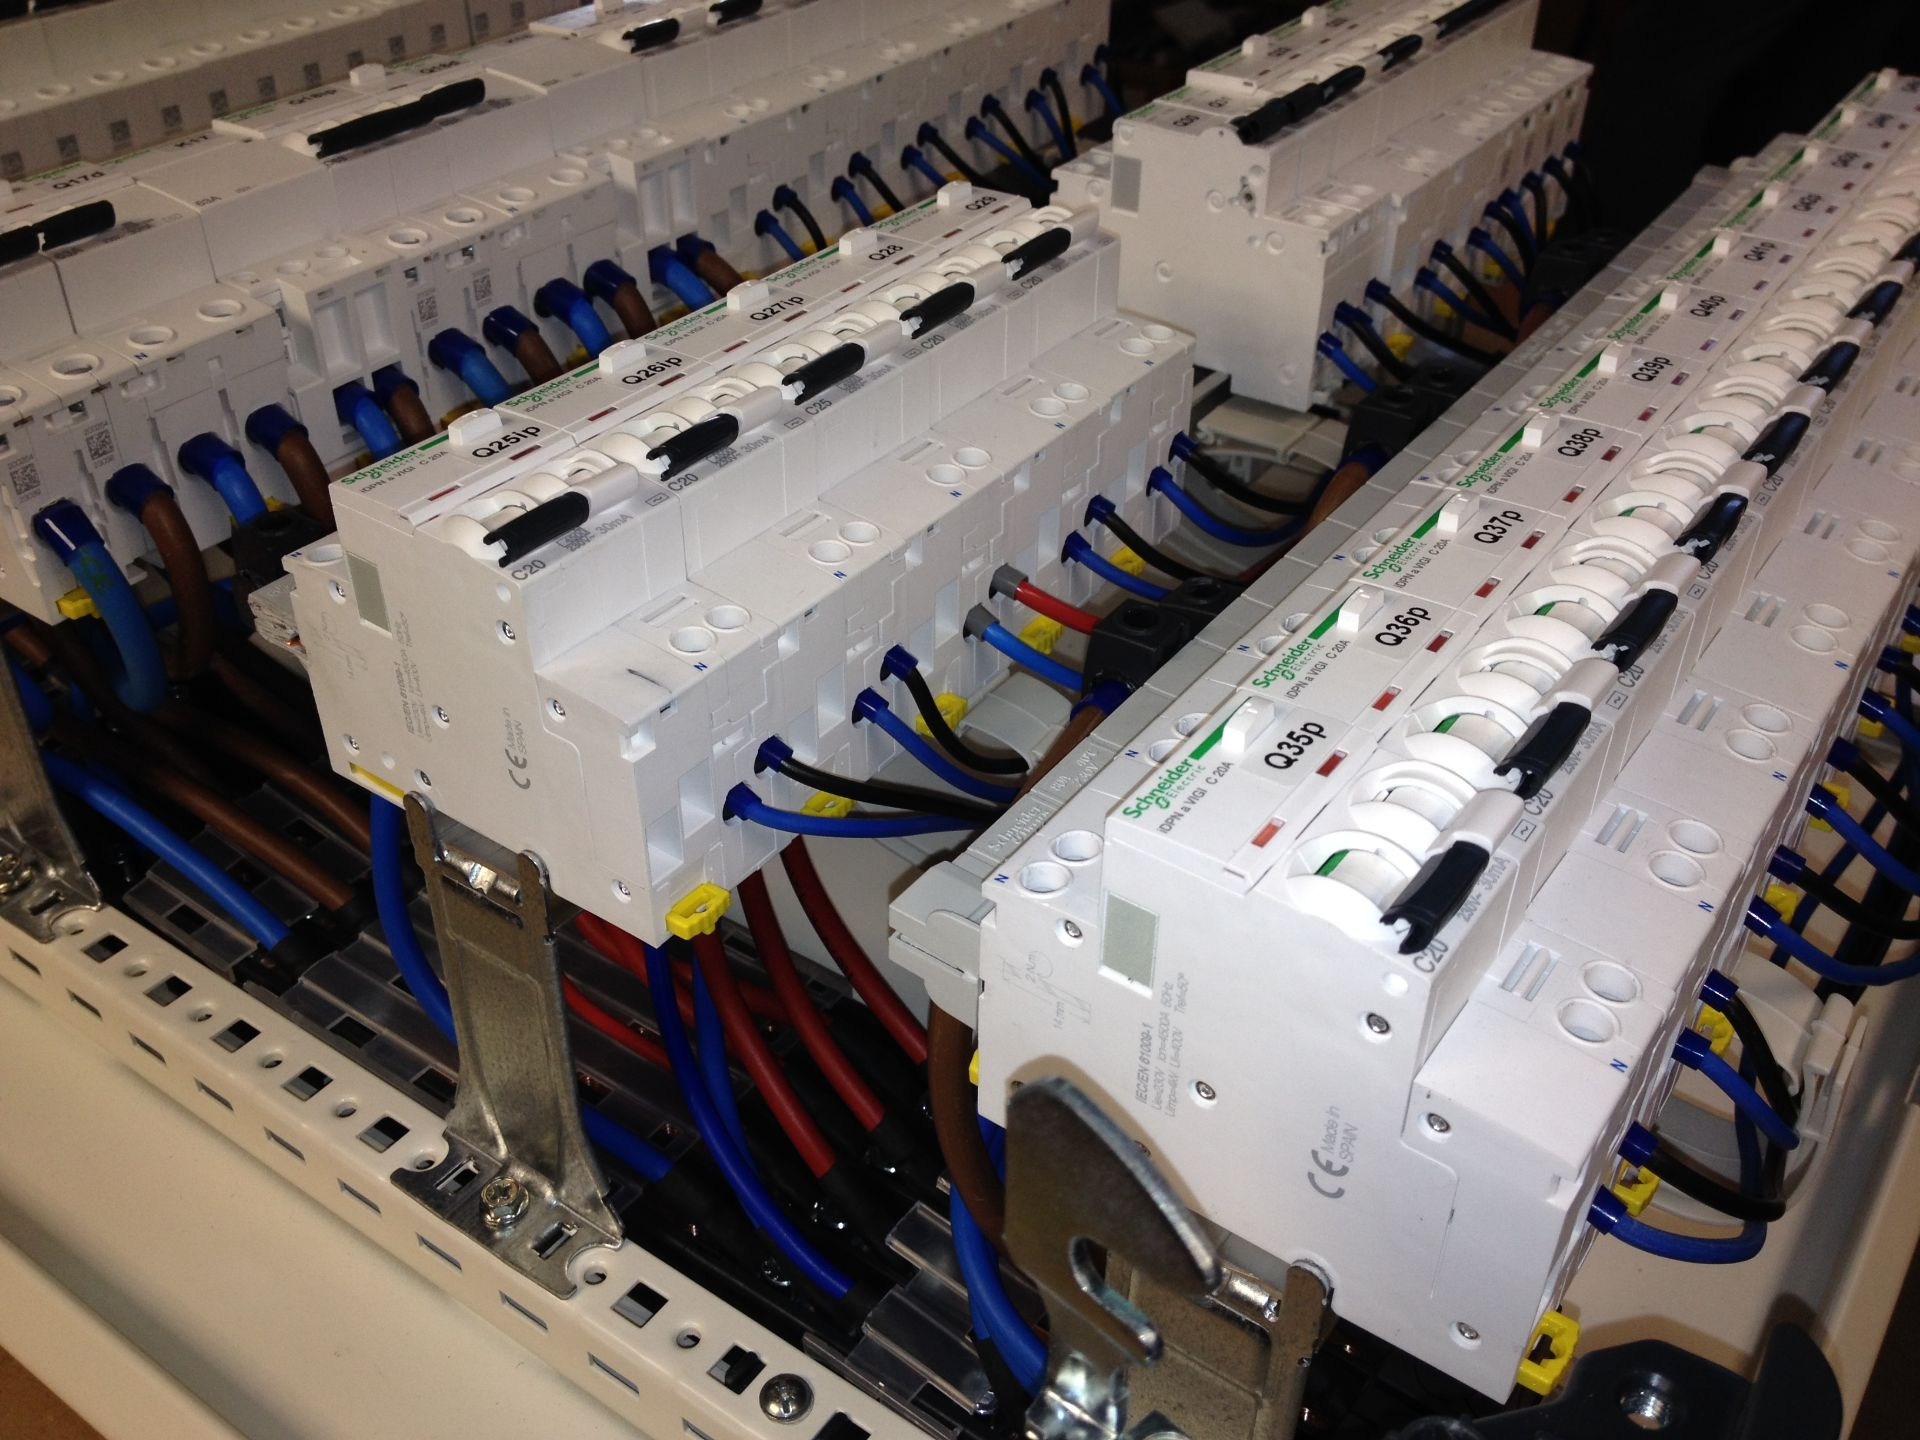 Tablouri electrice și automatizări IMG 1323